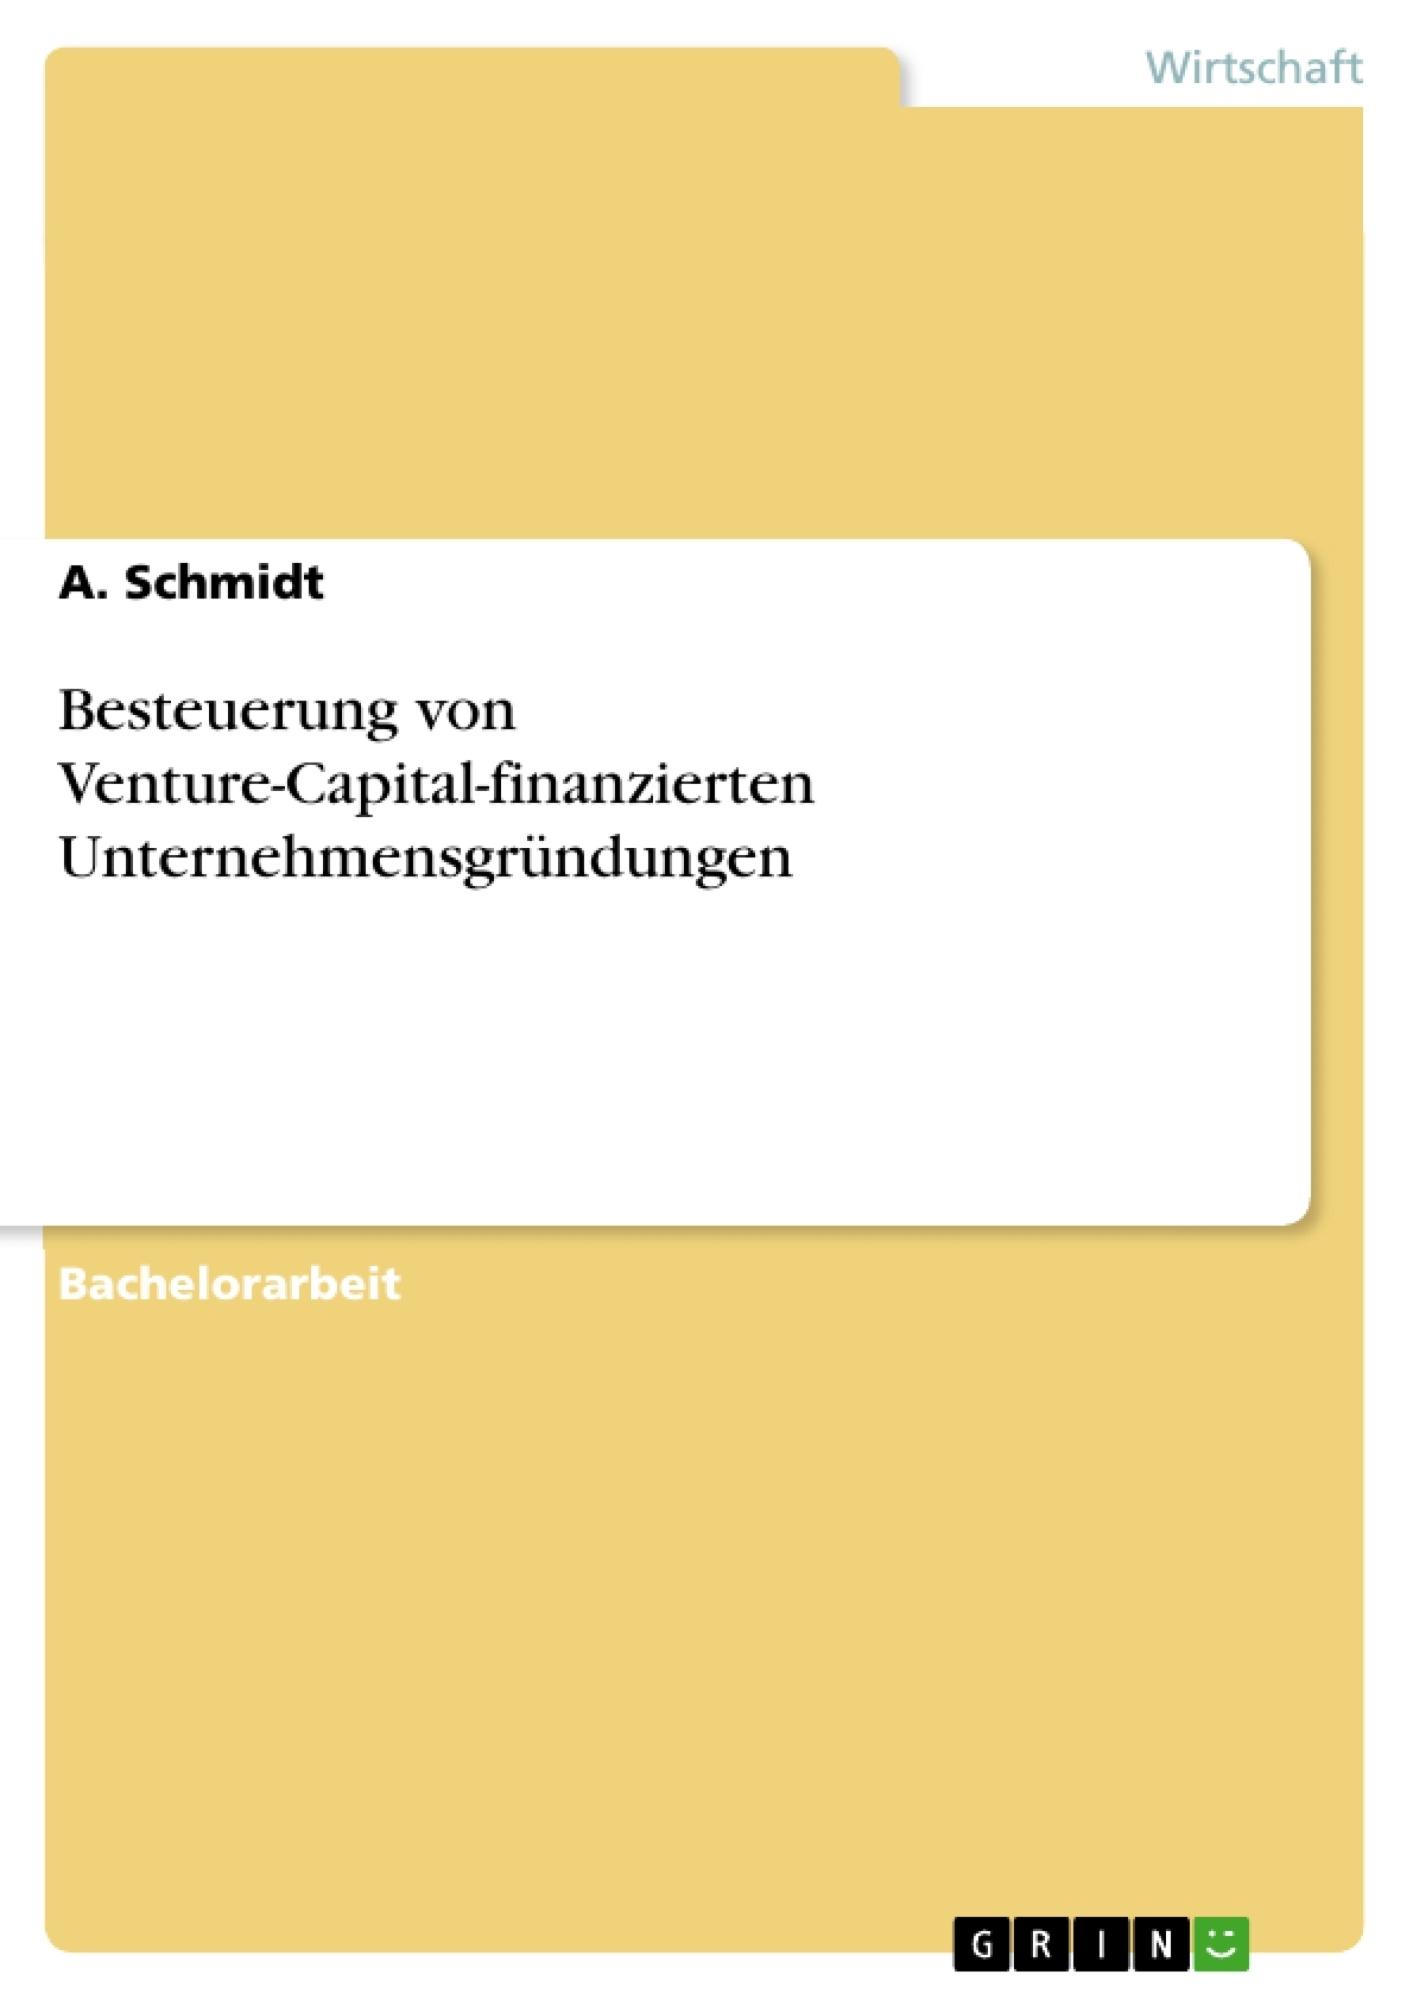 Titel: Besteuerung von Venture-Capital-finanzierten Unternehmensgründungen